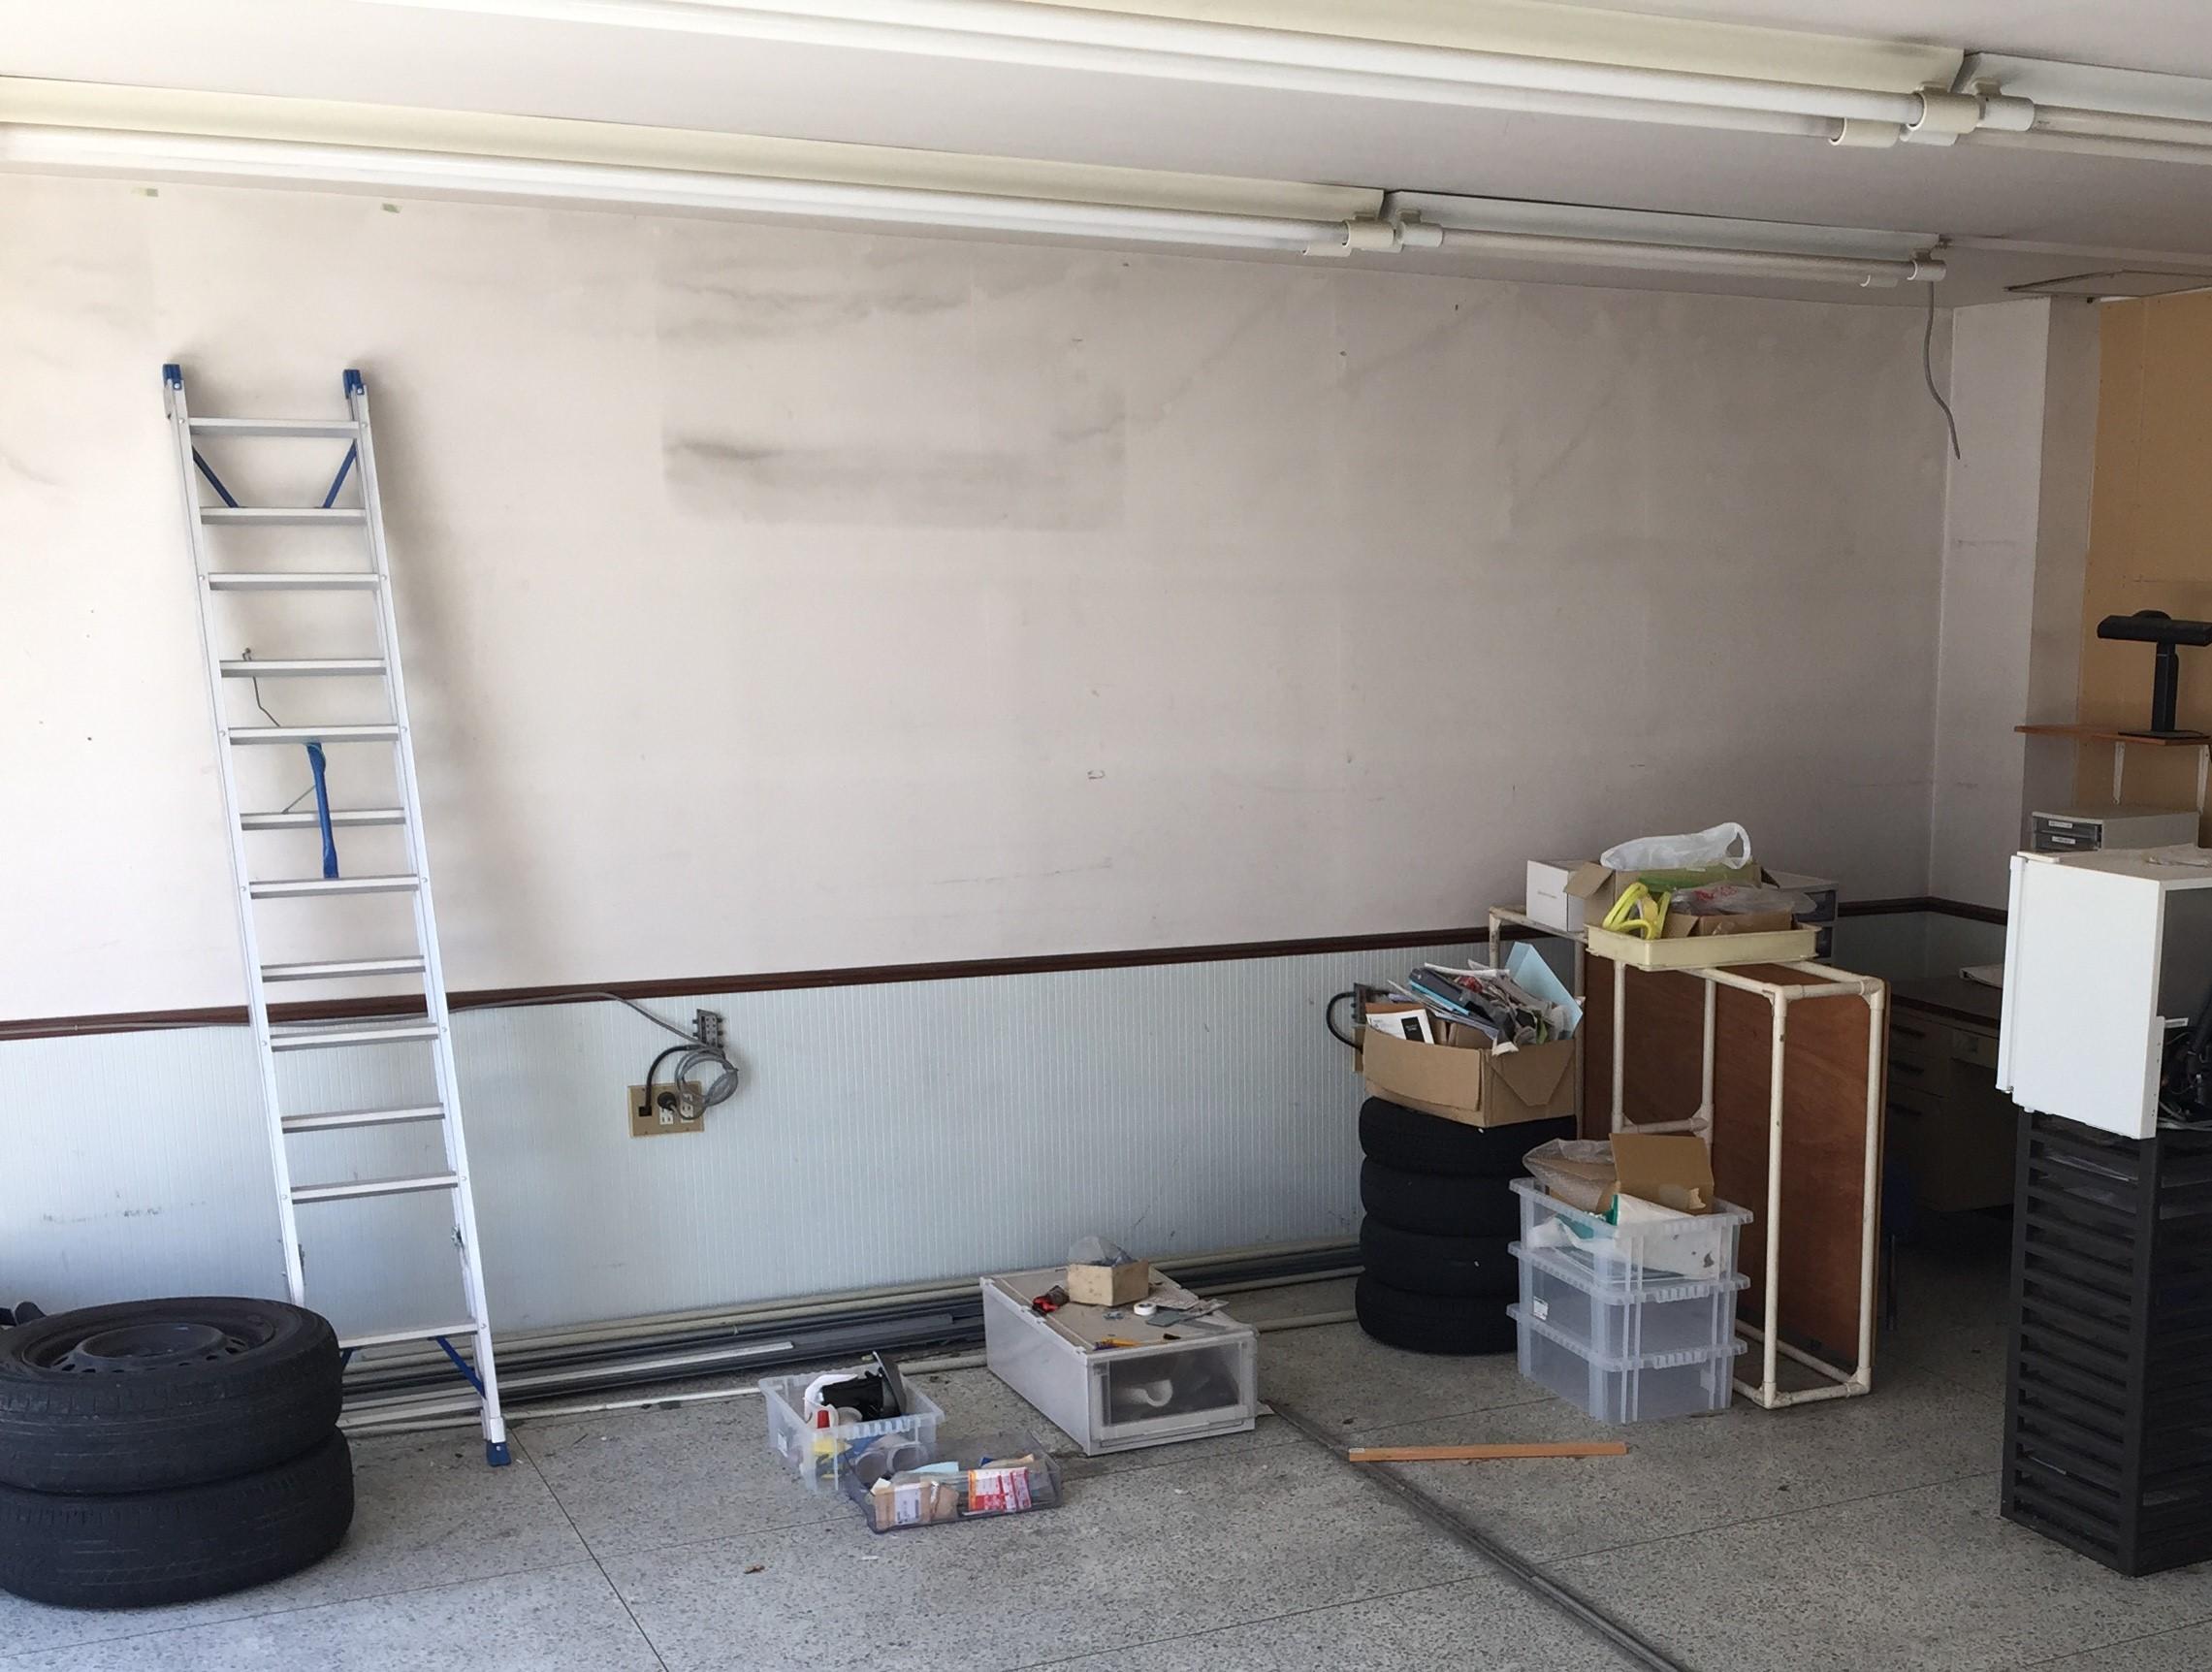 ジムの改装 壁まわり トレーニングスクール マルトレ 大垣